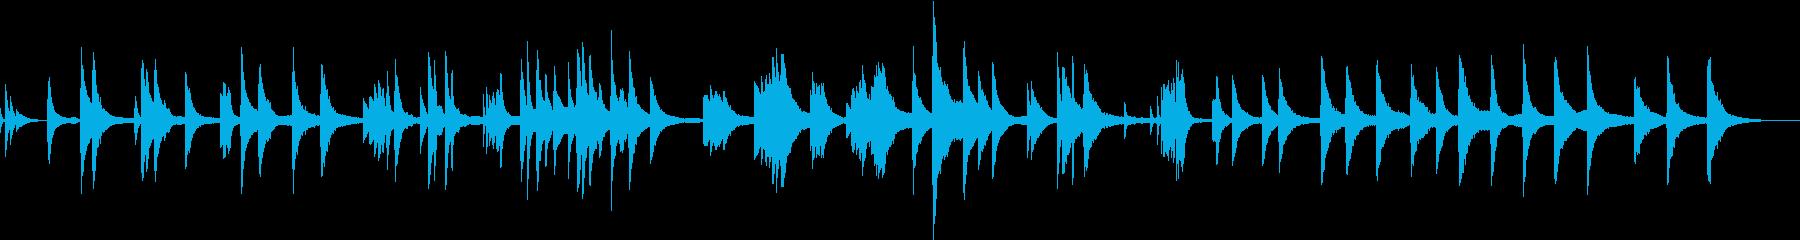 ジャズ・現代音楽的な無調のピアノソロ作品の再生済みの波形